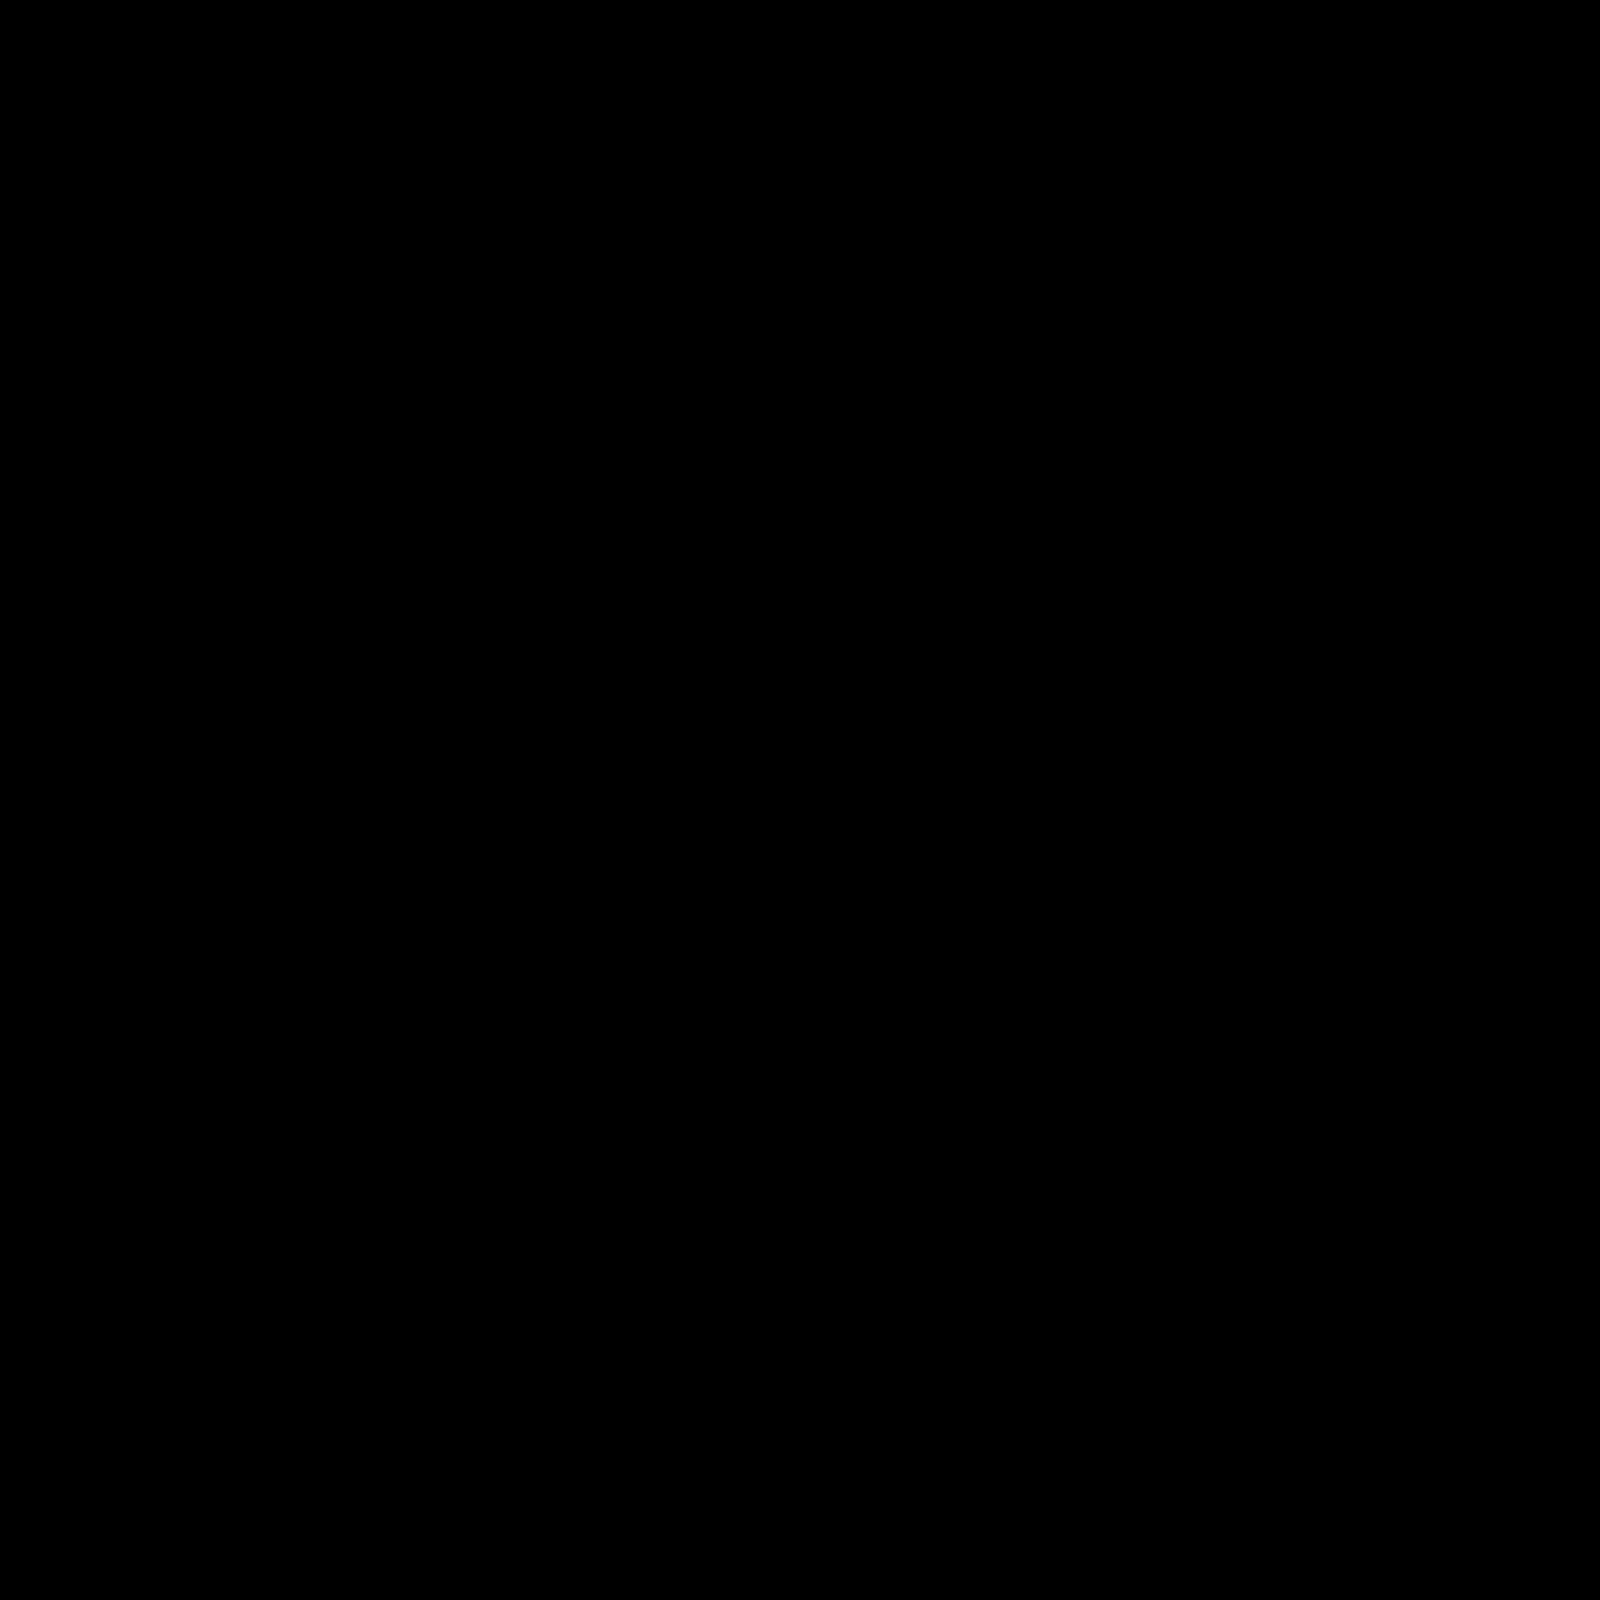 Menschlicher Kopf icon